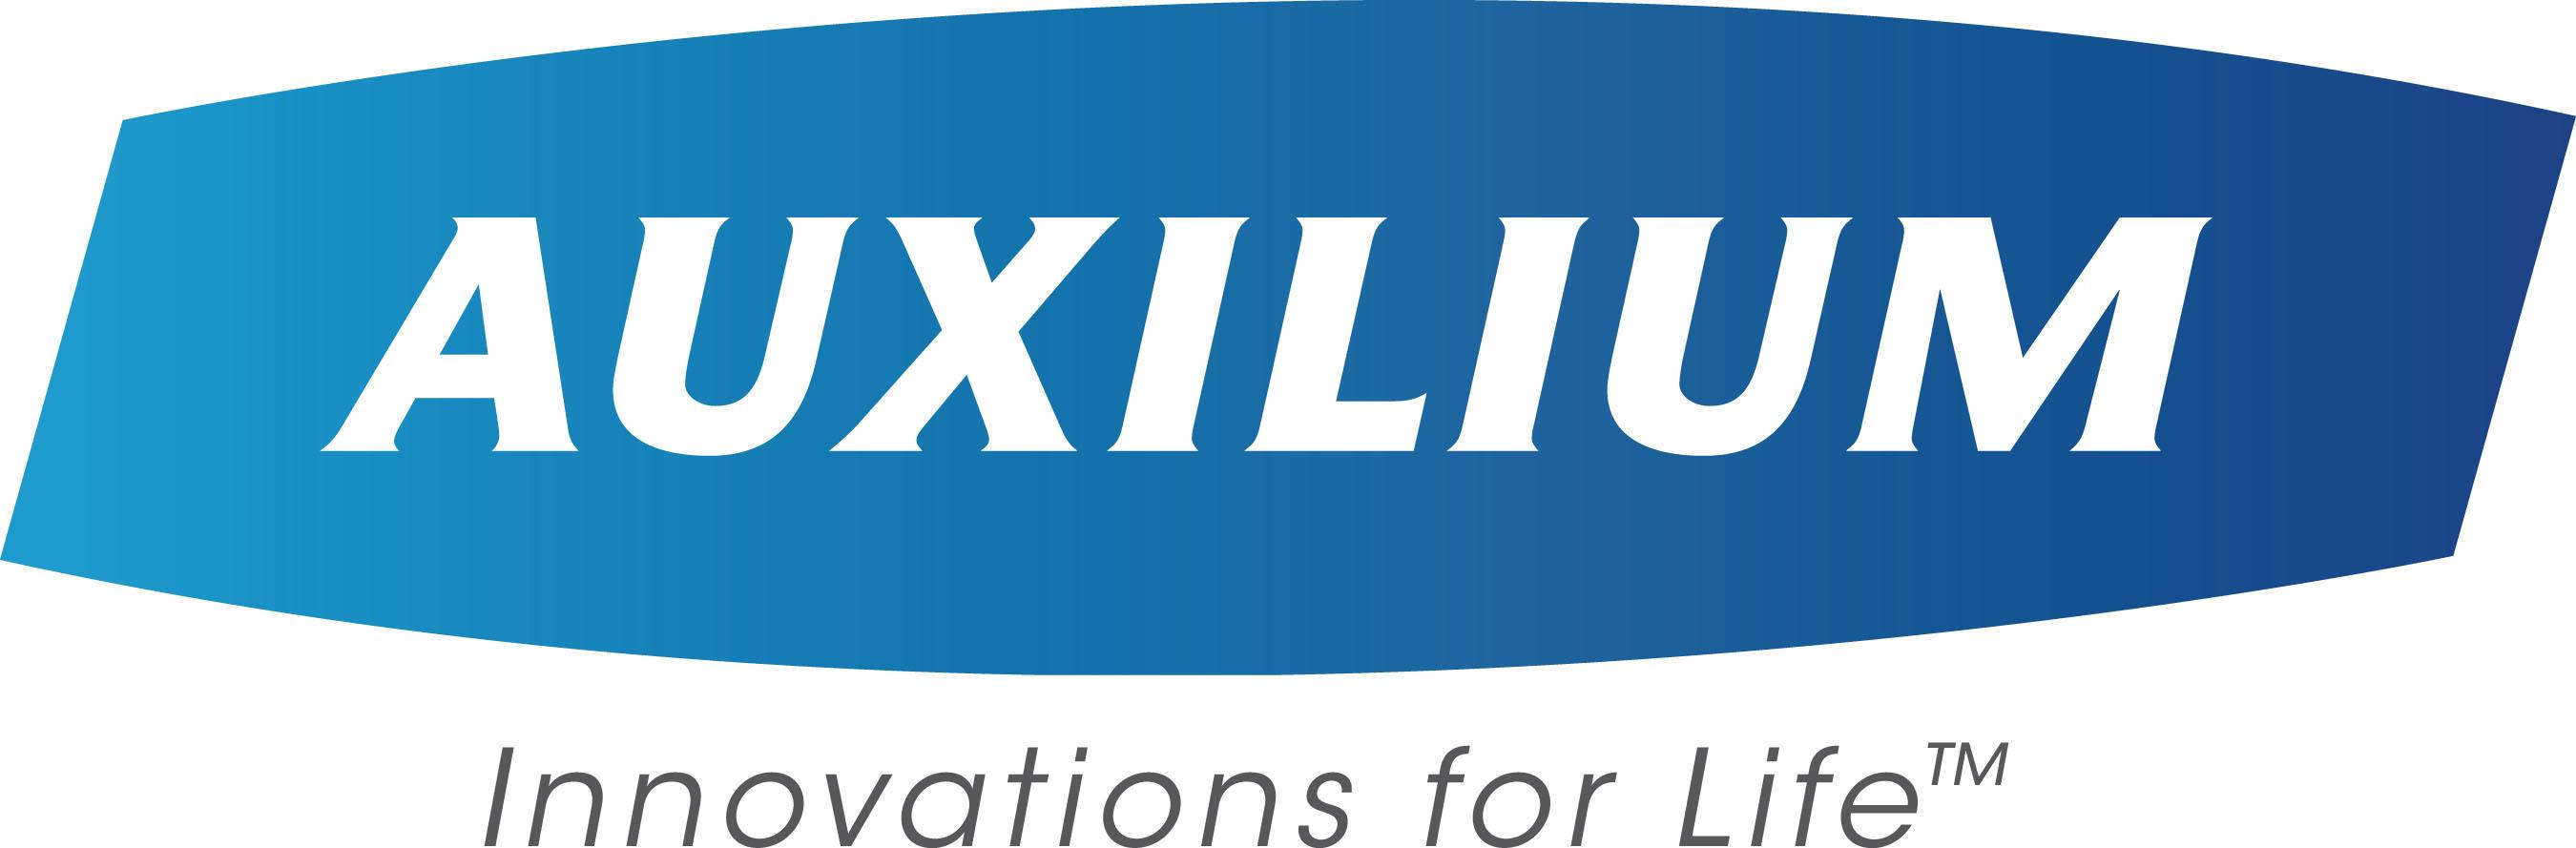 Auxilium Pharmaceuticals, Inc. Logo. (PRNewsFoto/Auxilium Pharmaceuticals, Inc.) (PRNewsFoto/)